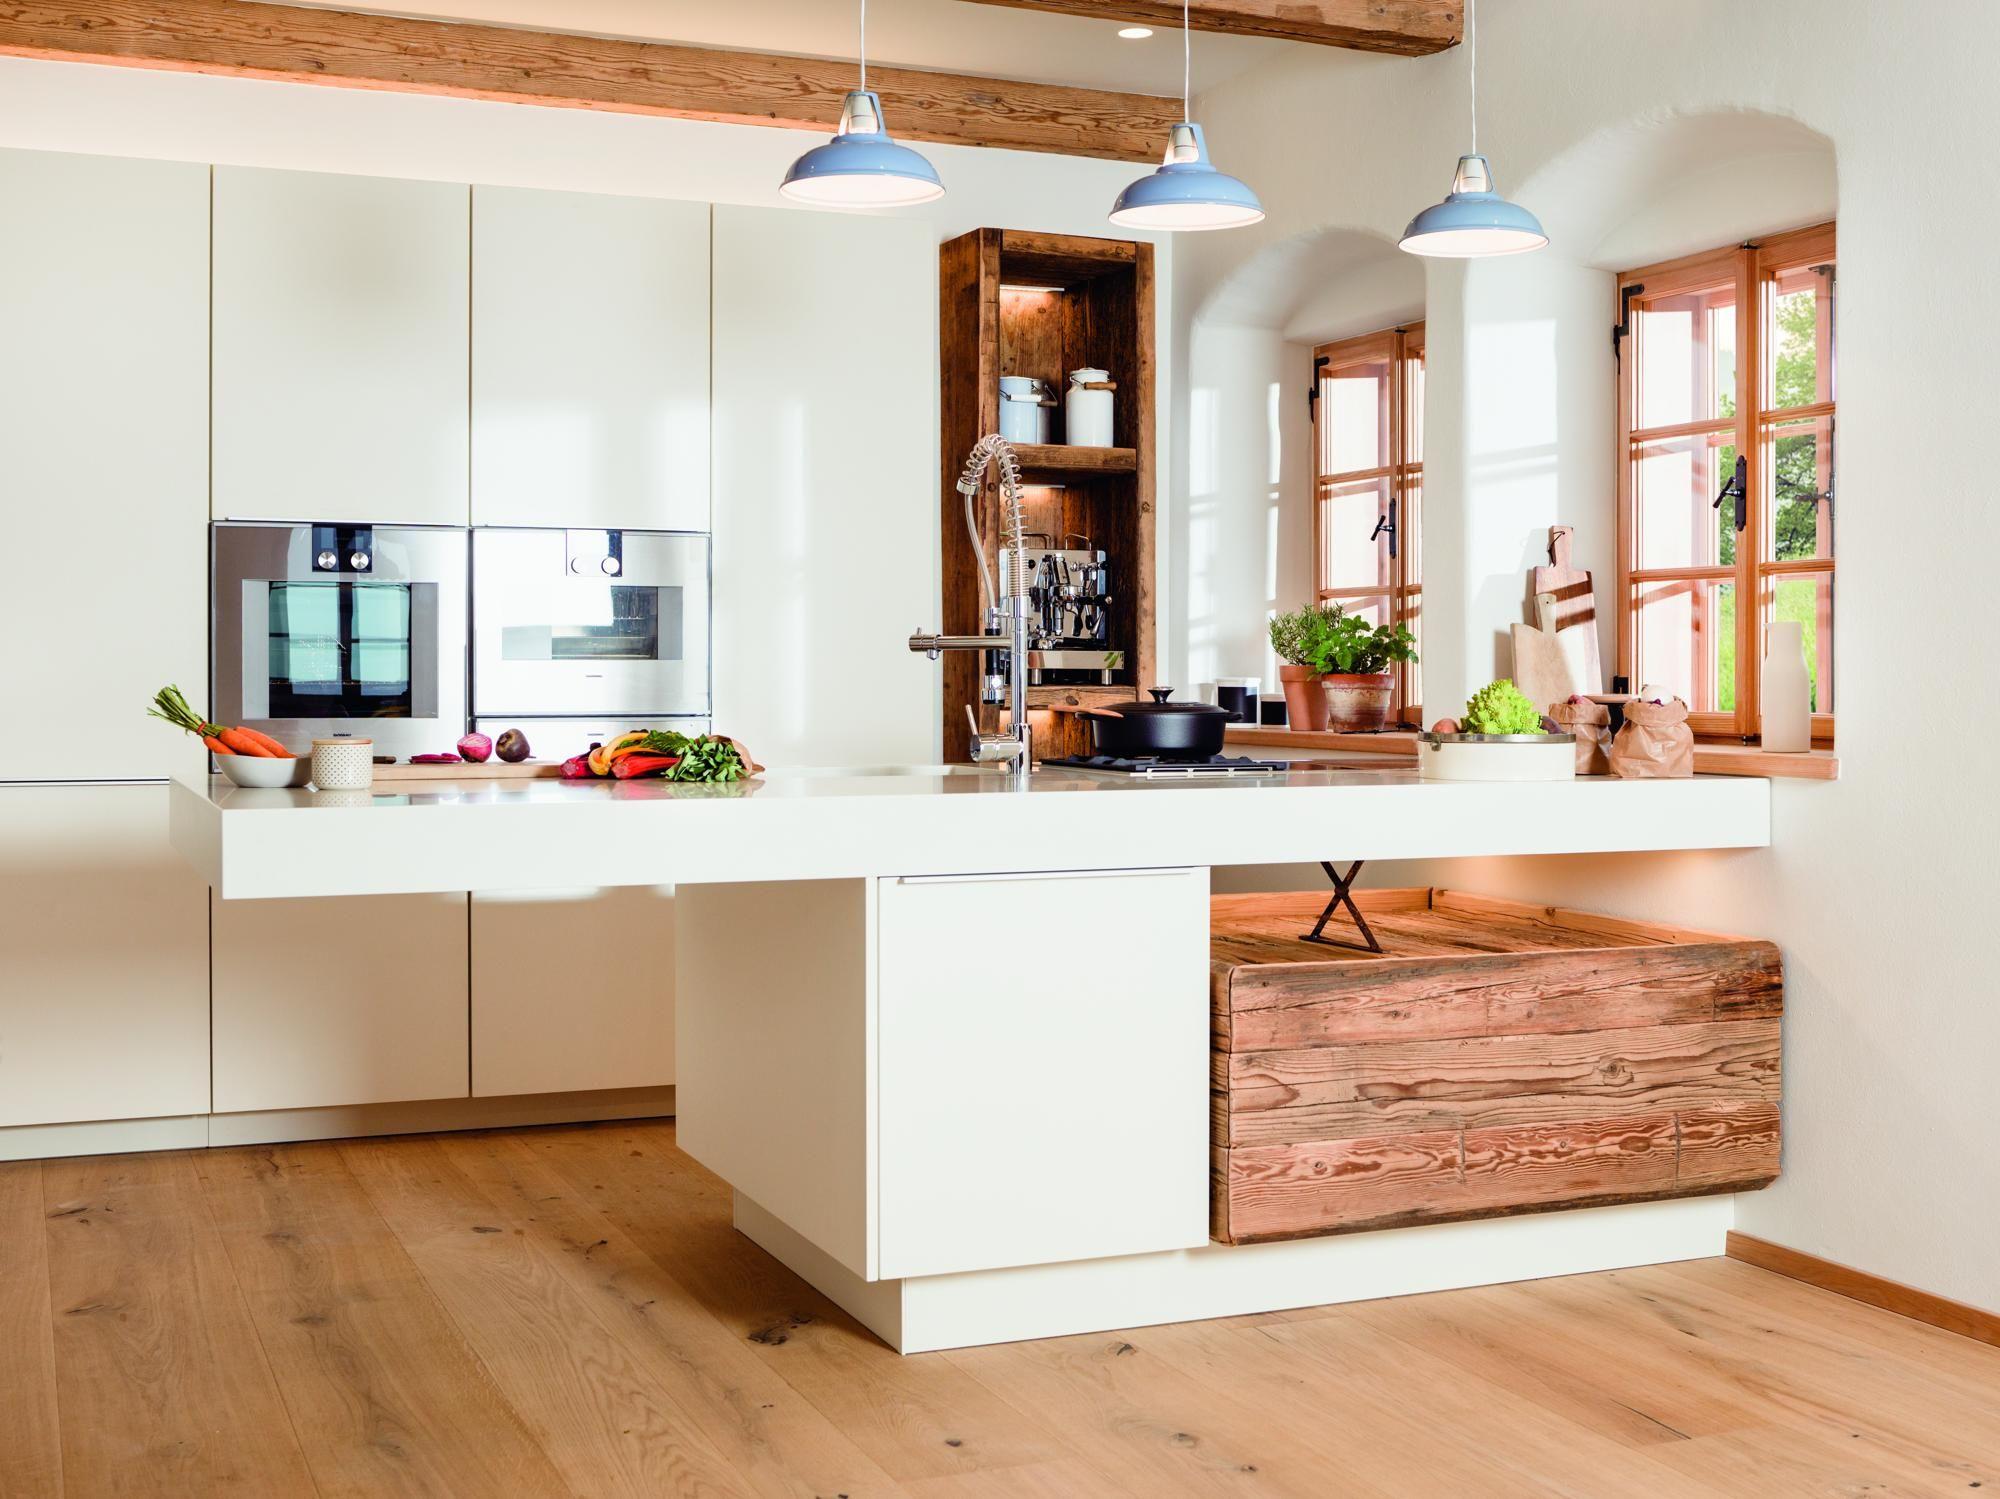 Planungsstory Küchenmagazin 2017 | Küche | Pinterest | Nachspeisen ...